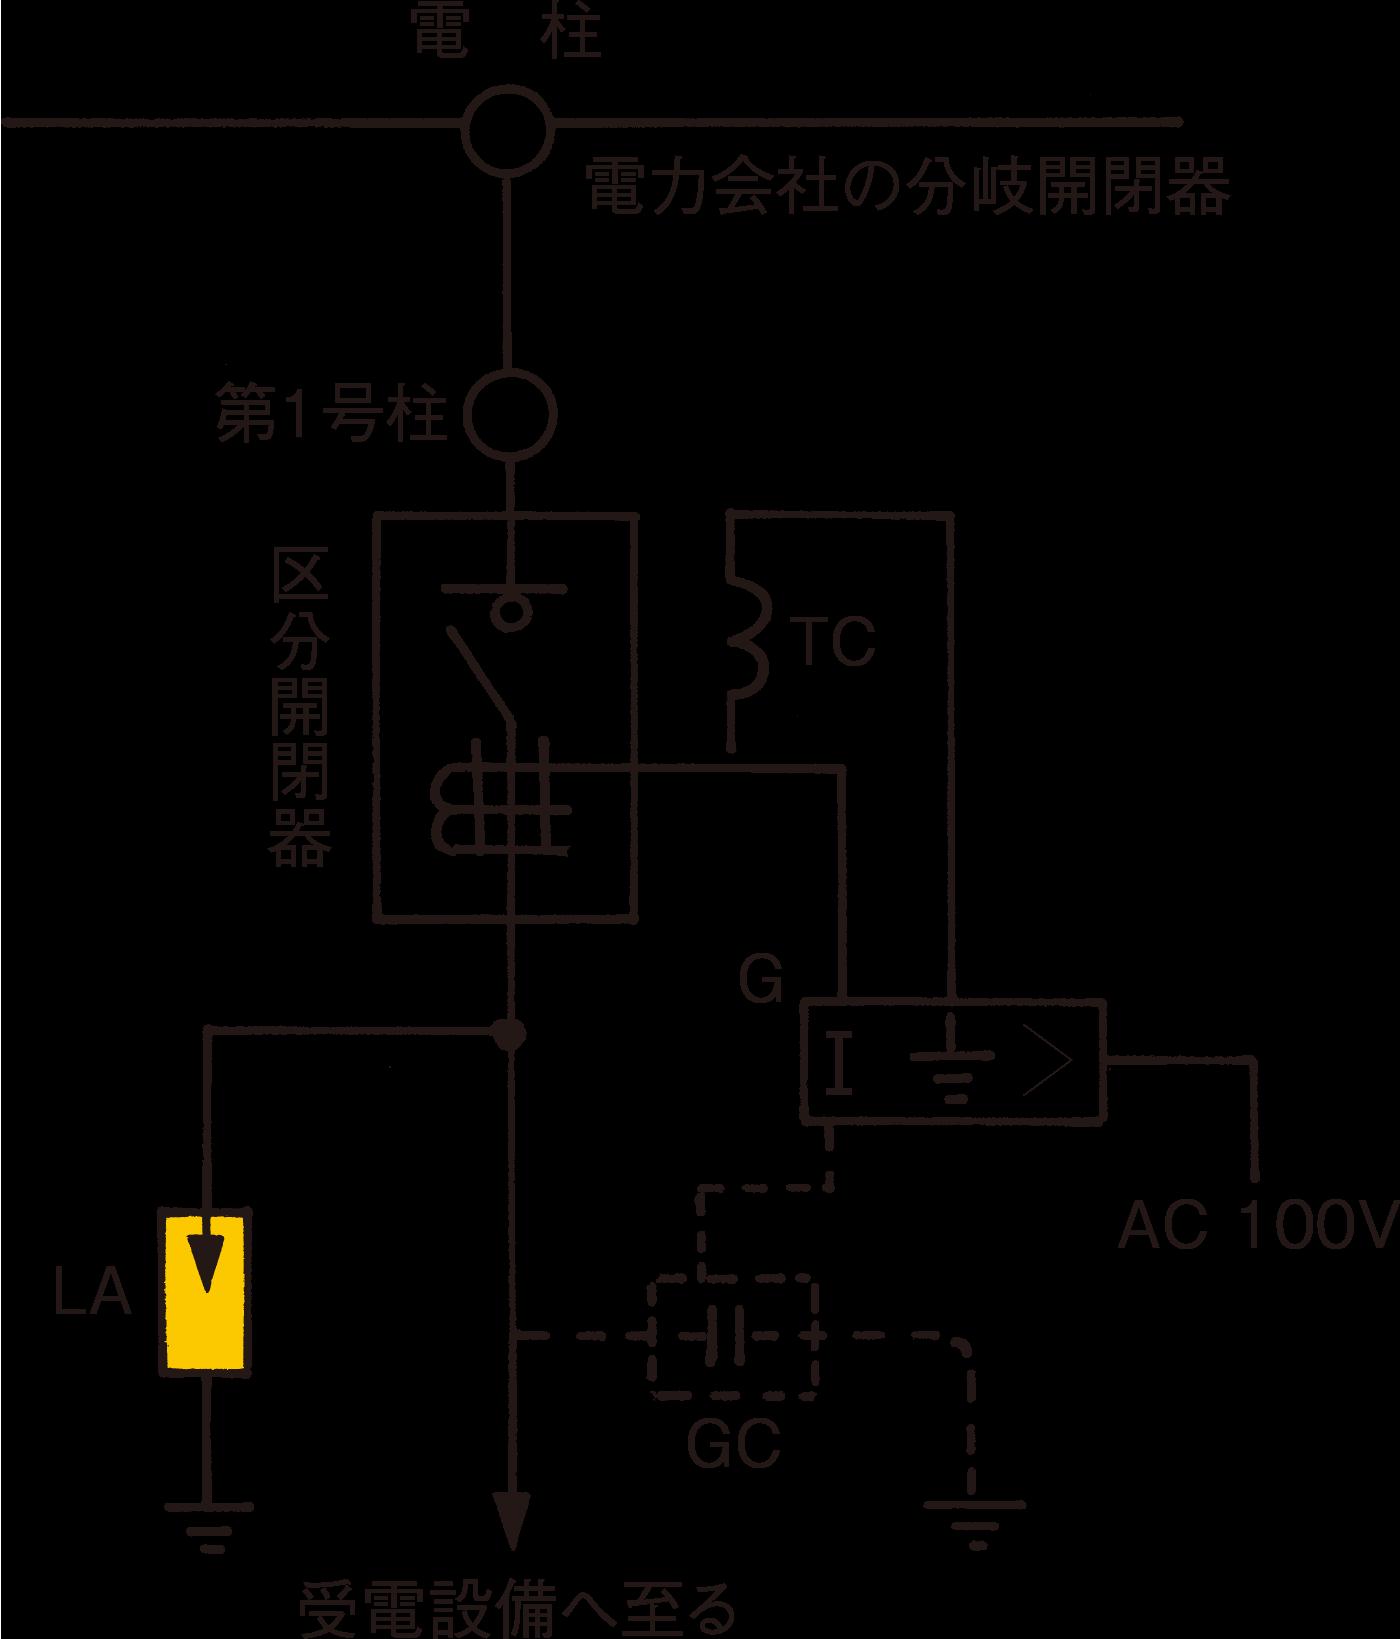 図18 引き込み結線例(構内第1号柱を経て引き込む場合)